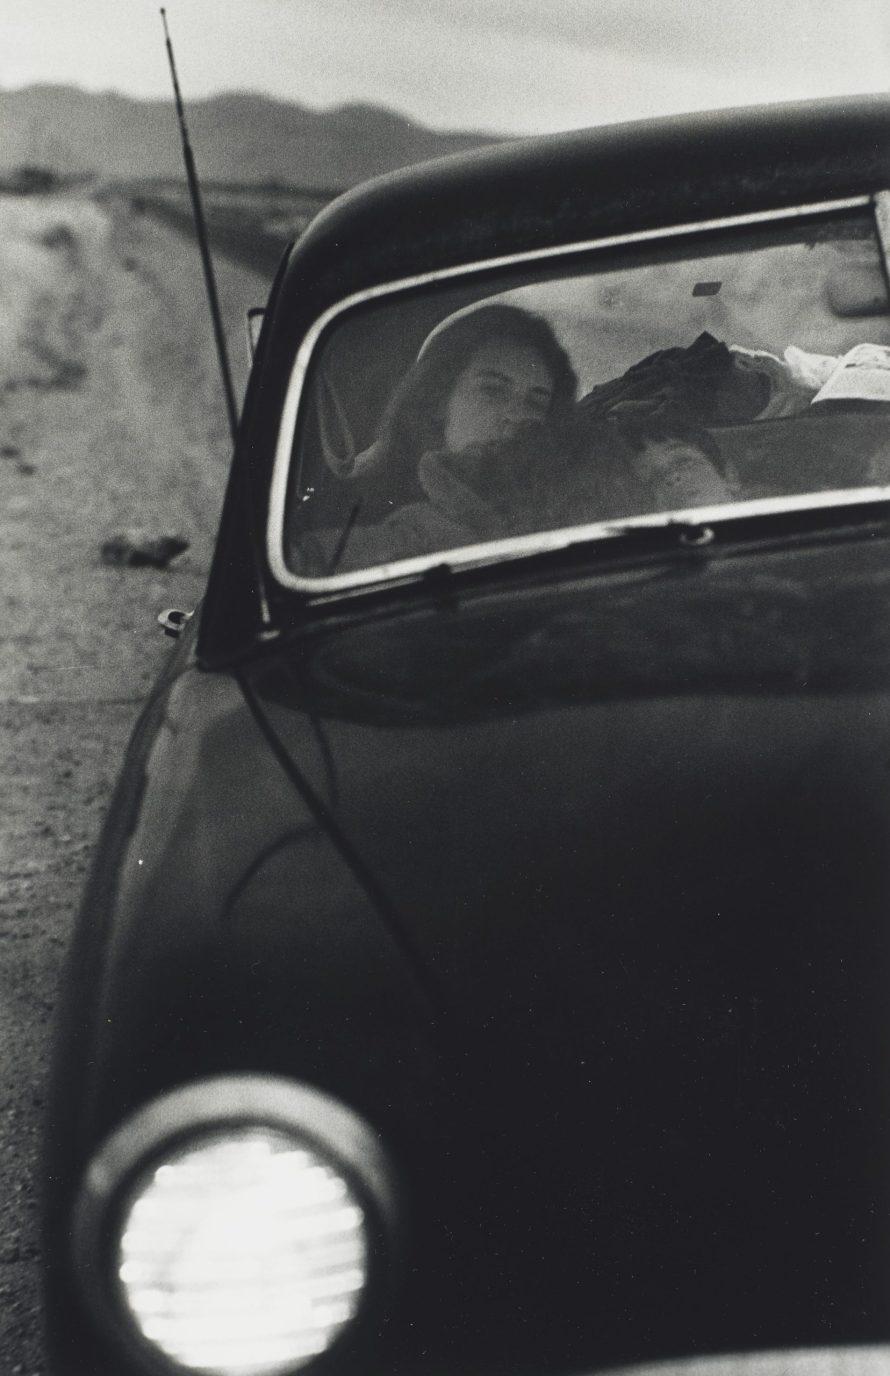 Fotó: Robert Frank: U.S. 90, En Route to Del Rio, Texas, 1955